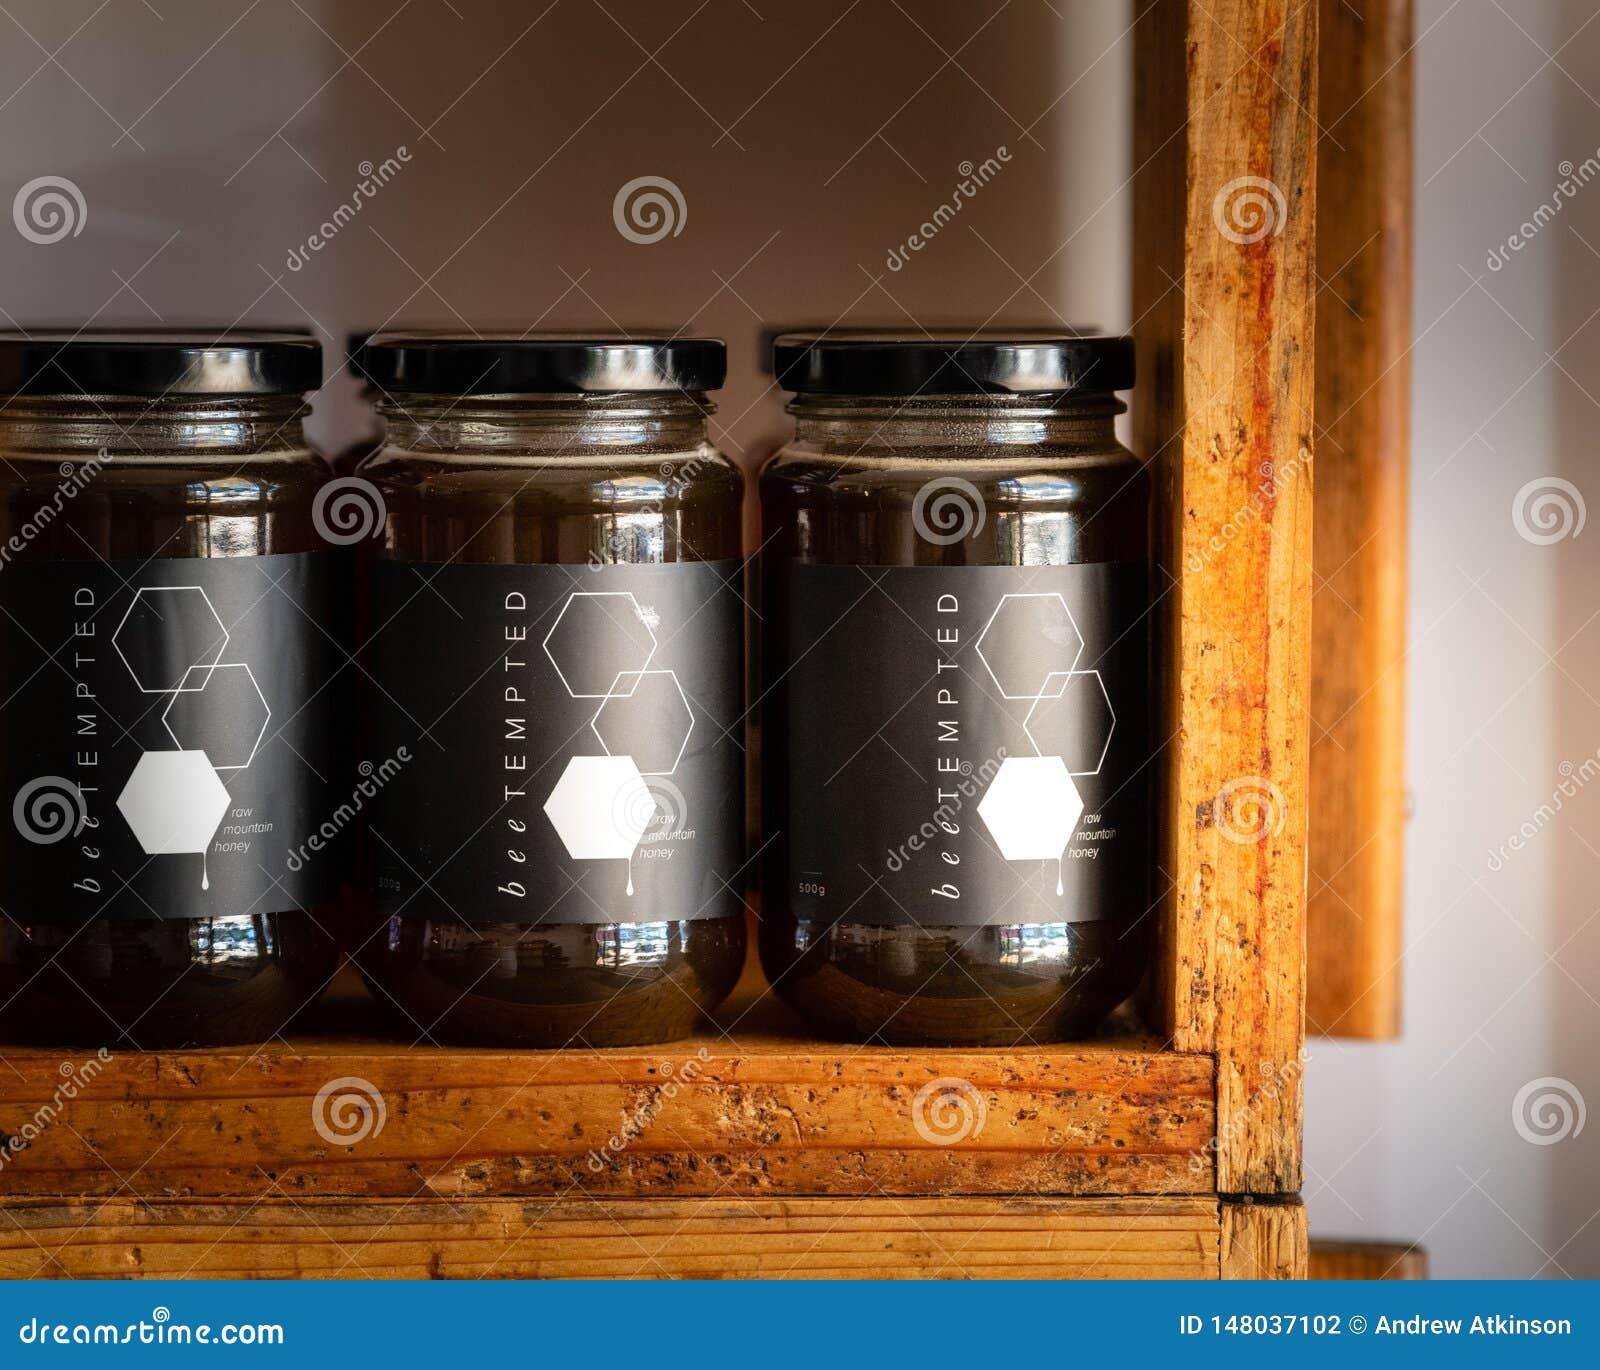 Μέλι στα βάζα γυαλιού με τα μαύρα καπάκια για την πώληση στα ράφια καταστημάτων φιαγμένη από παλαιές κυψέλες μελισσών